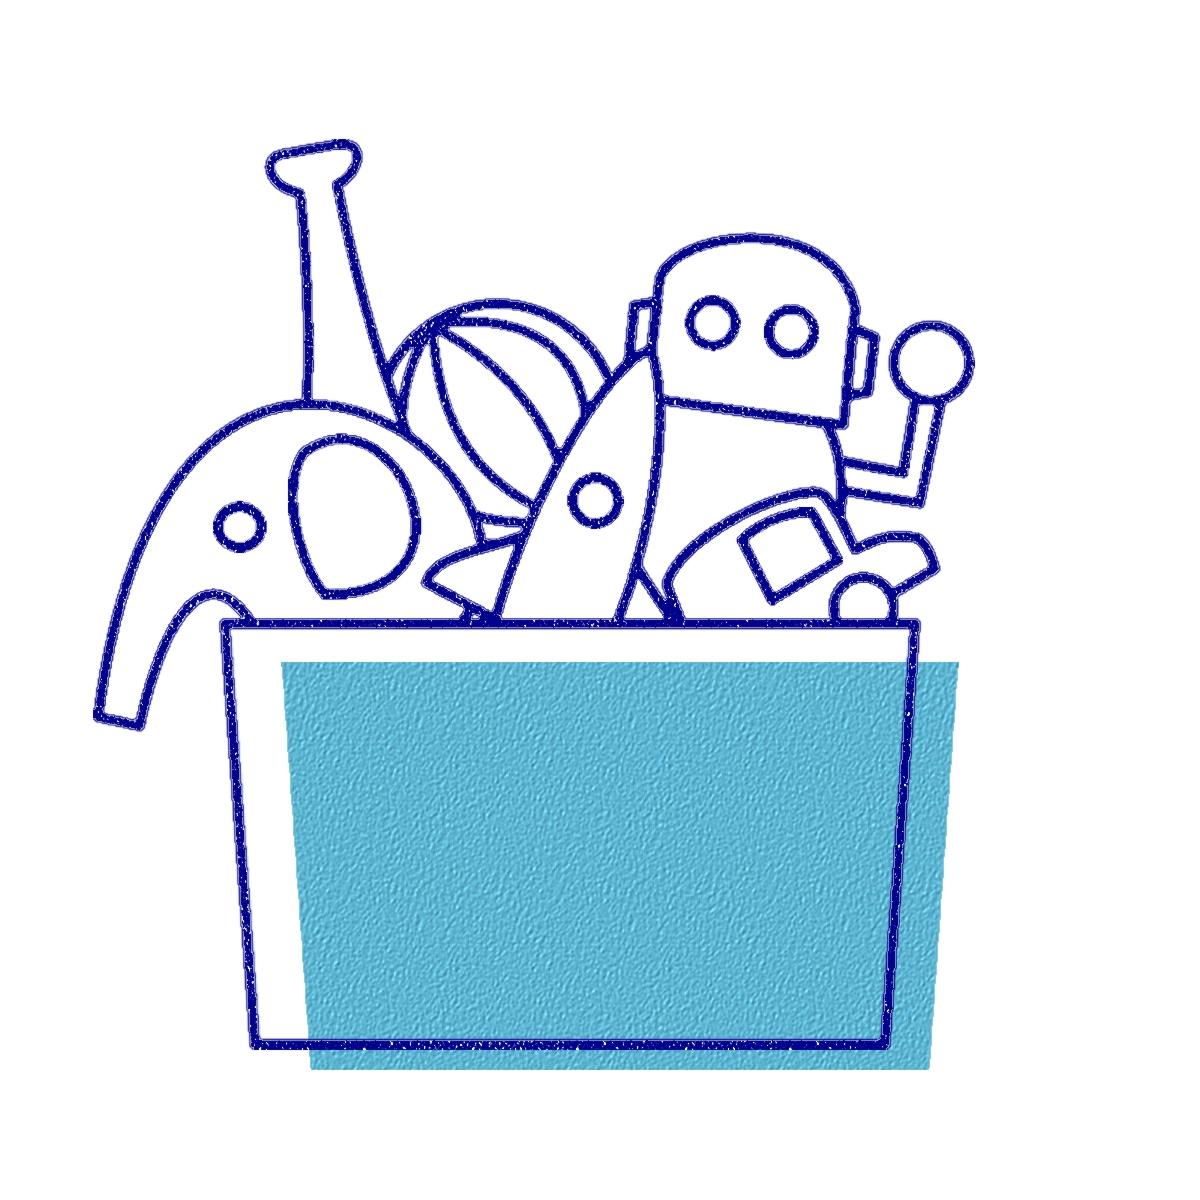 参加無料 おもちゃ病院ピーポー 白石区 本郷会館 (10/19) 札幌